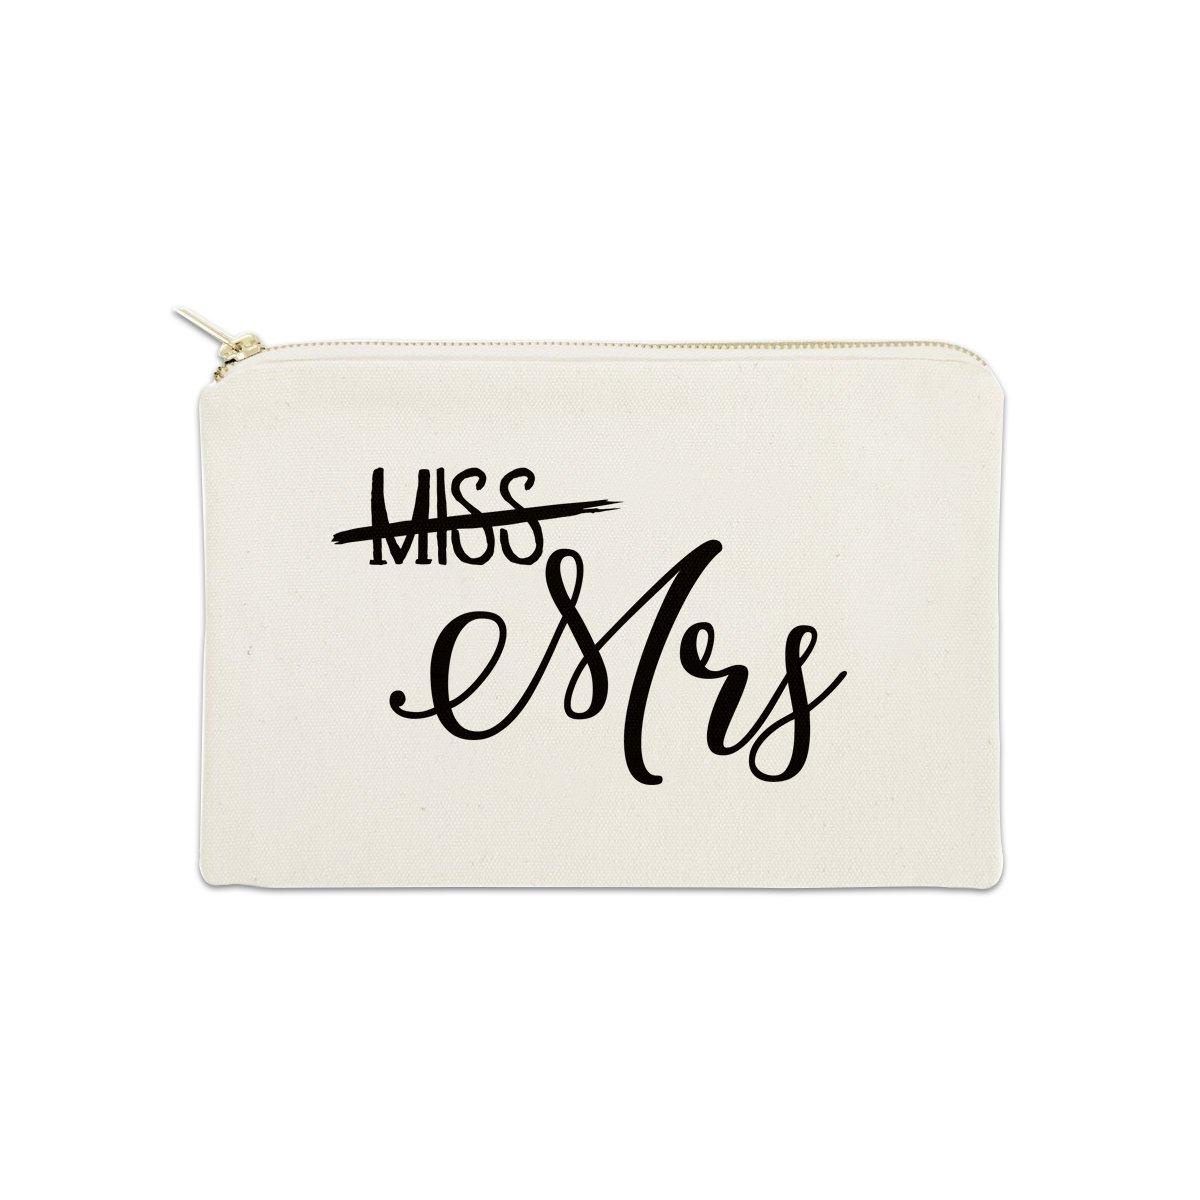 Miss Mrs Bride 12 oz Cosmetic Makeup Cotton Canvas Bag - (Natural Canvas)